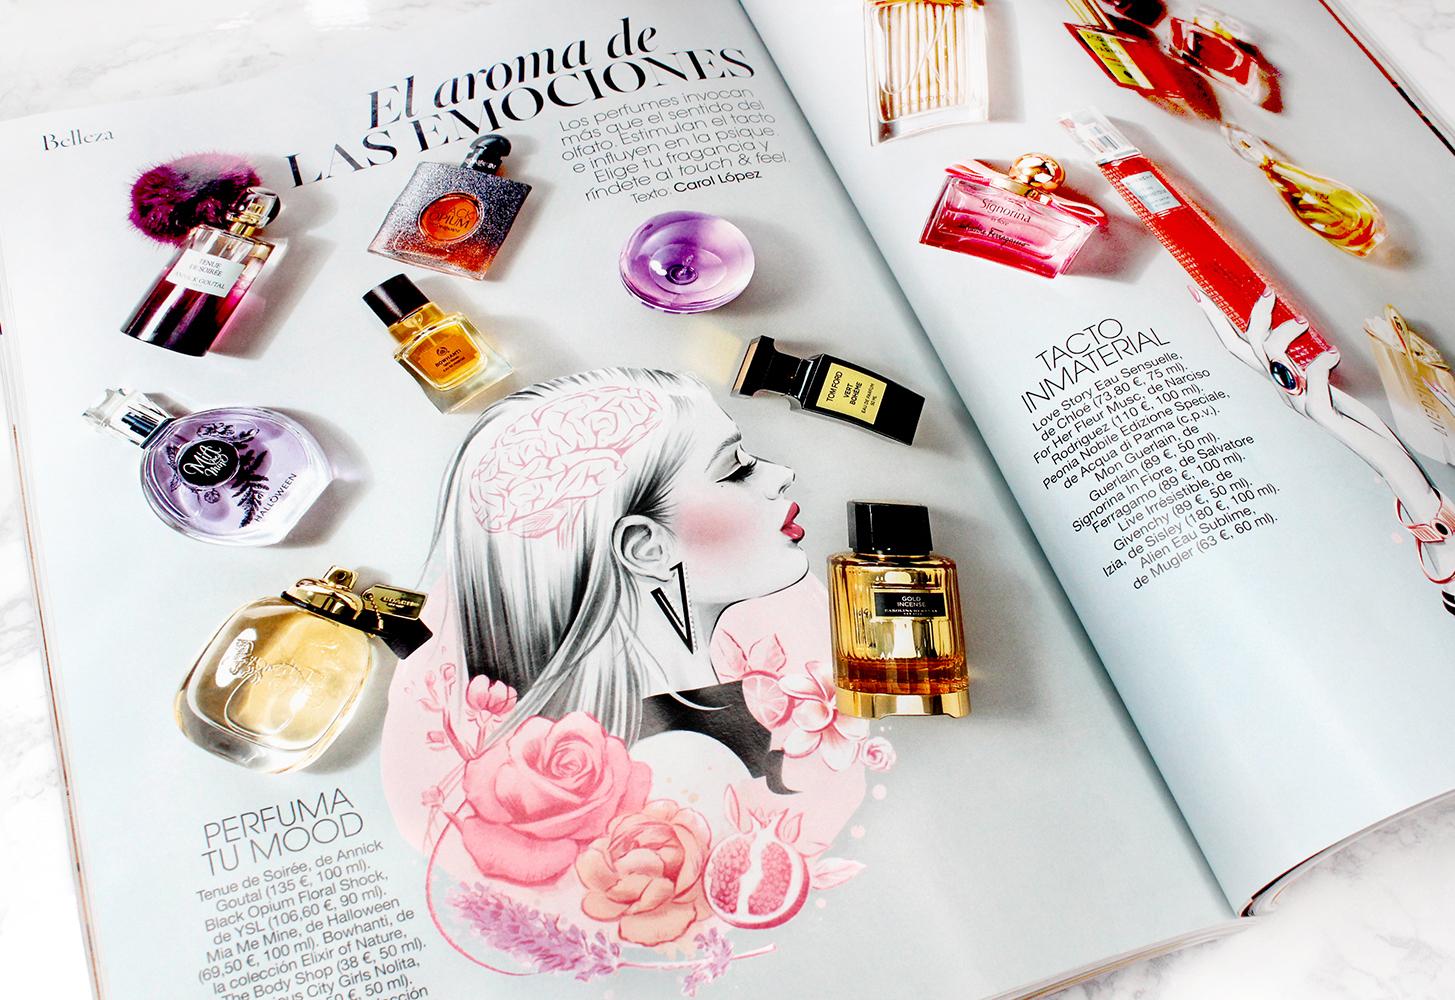 'El aroma de las emociones' Glamour (Abril 2017, Condé Nast) Illustrations by Cristina Alonso